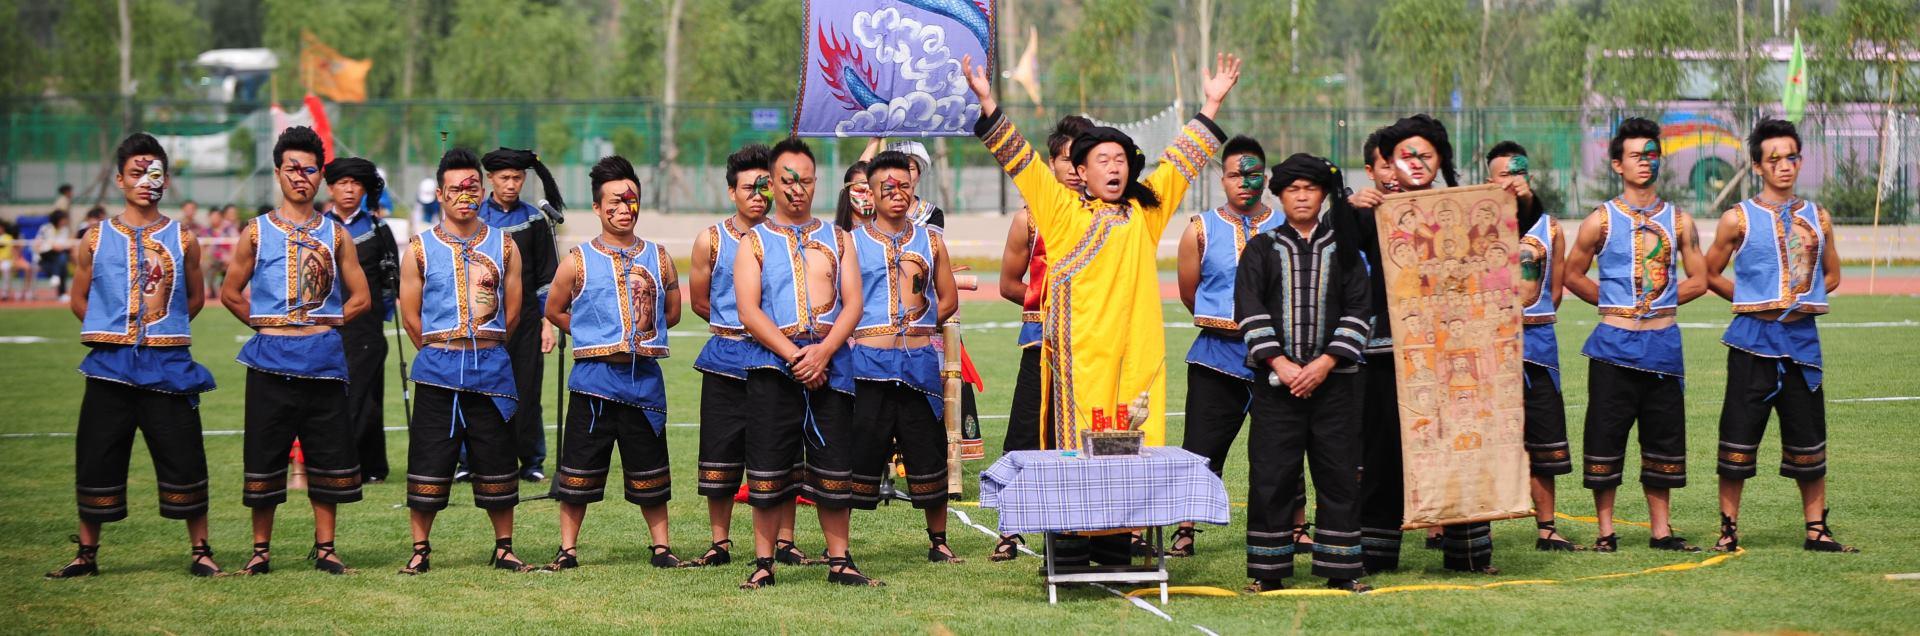 VIDEO: Tradicionalne Igre etničkih manjina u Kini